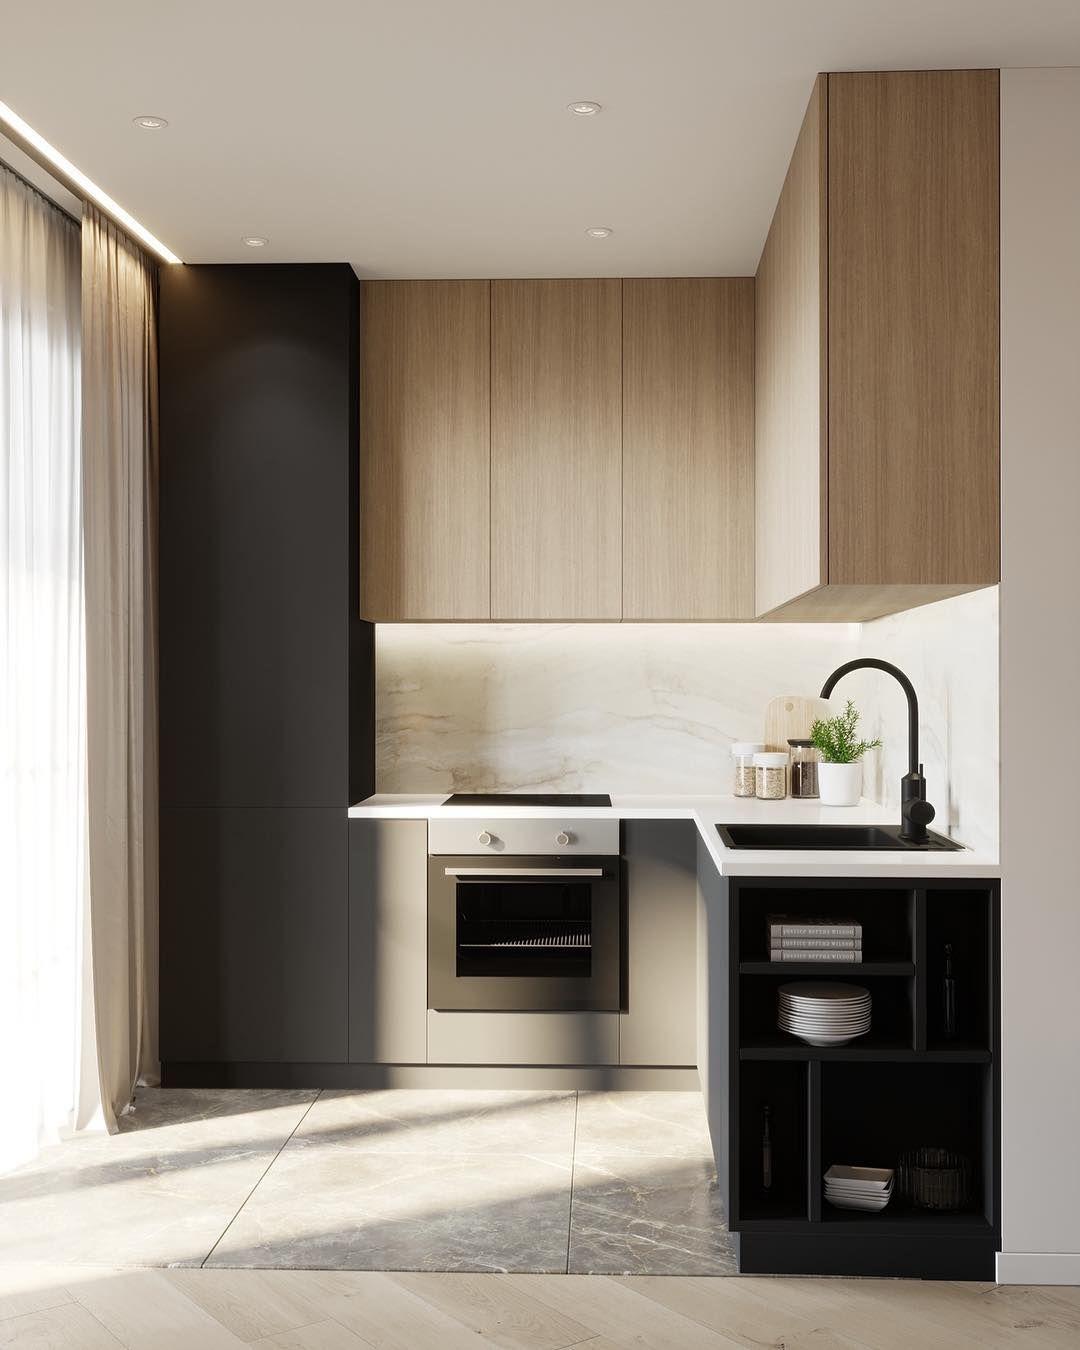 Pin by pina colada interior design on kitchen for Muebles de madera para cocina pequena